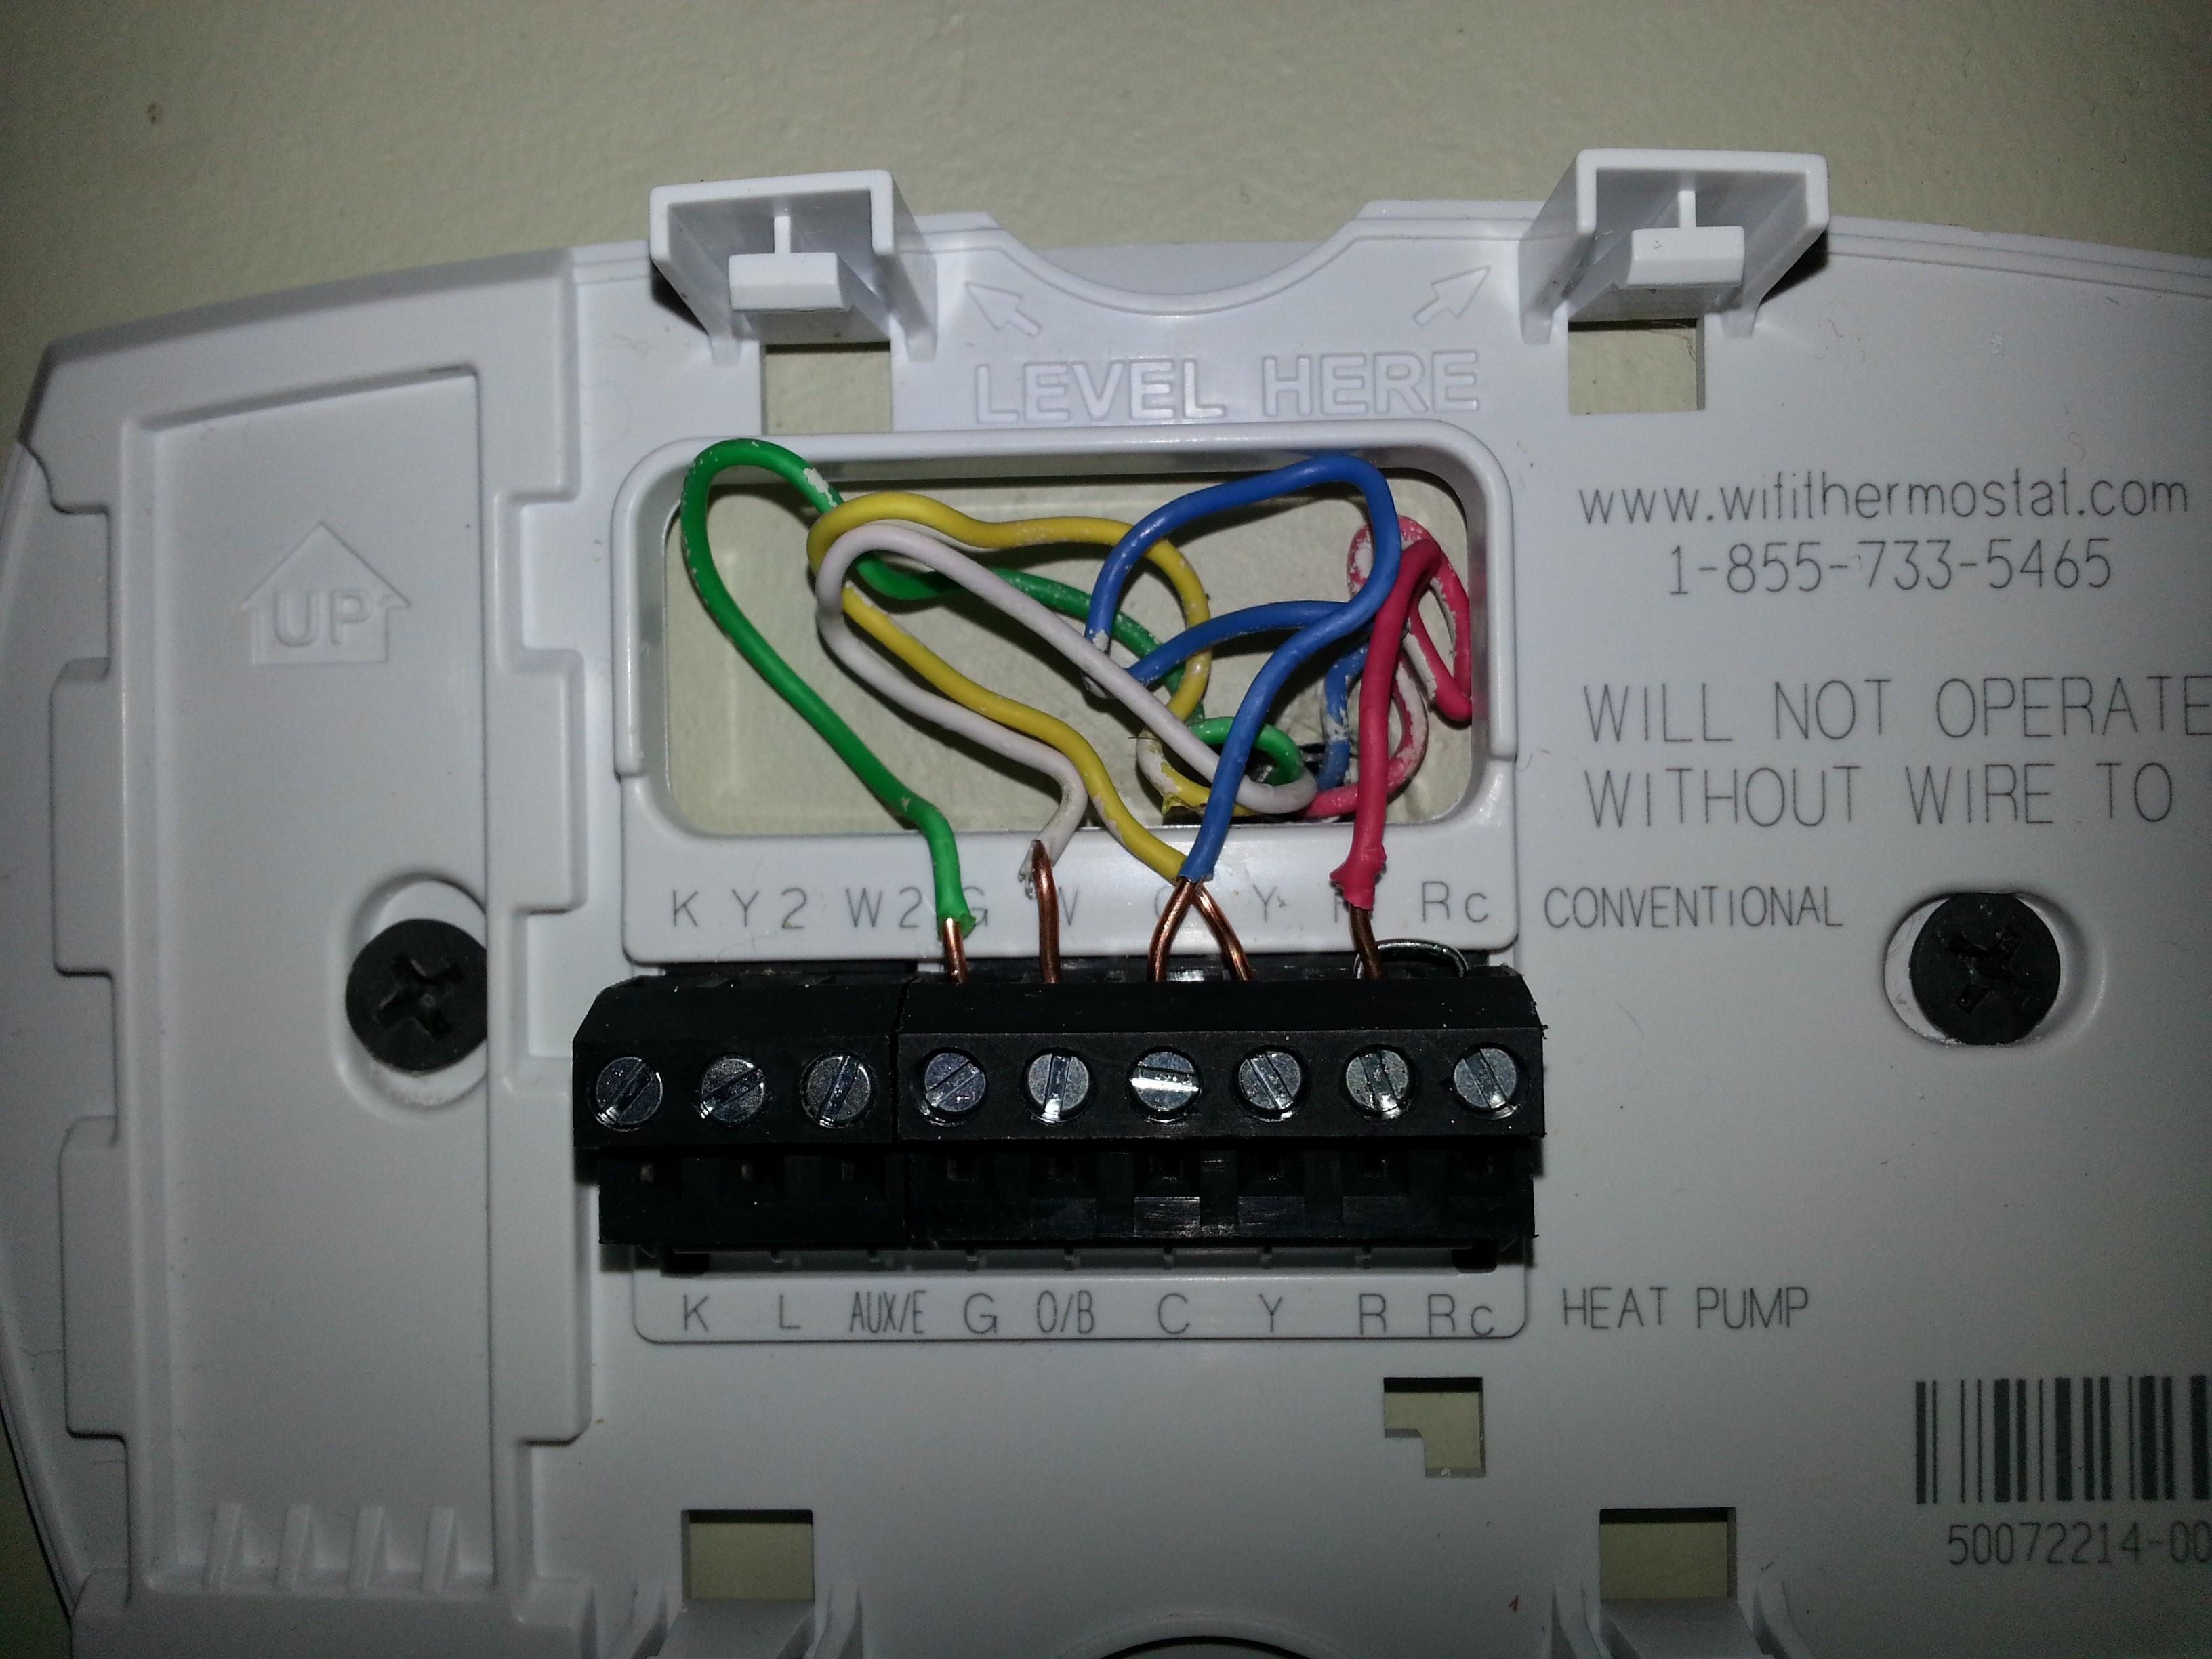 honeywell wifi thermostat rth6580wf wiring diagram vw golf mk1 alternator diagrams my